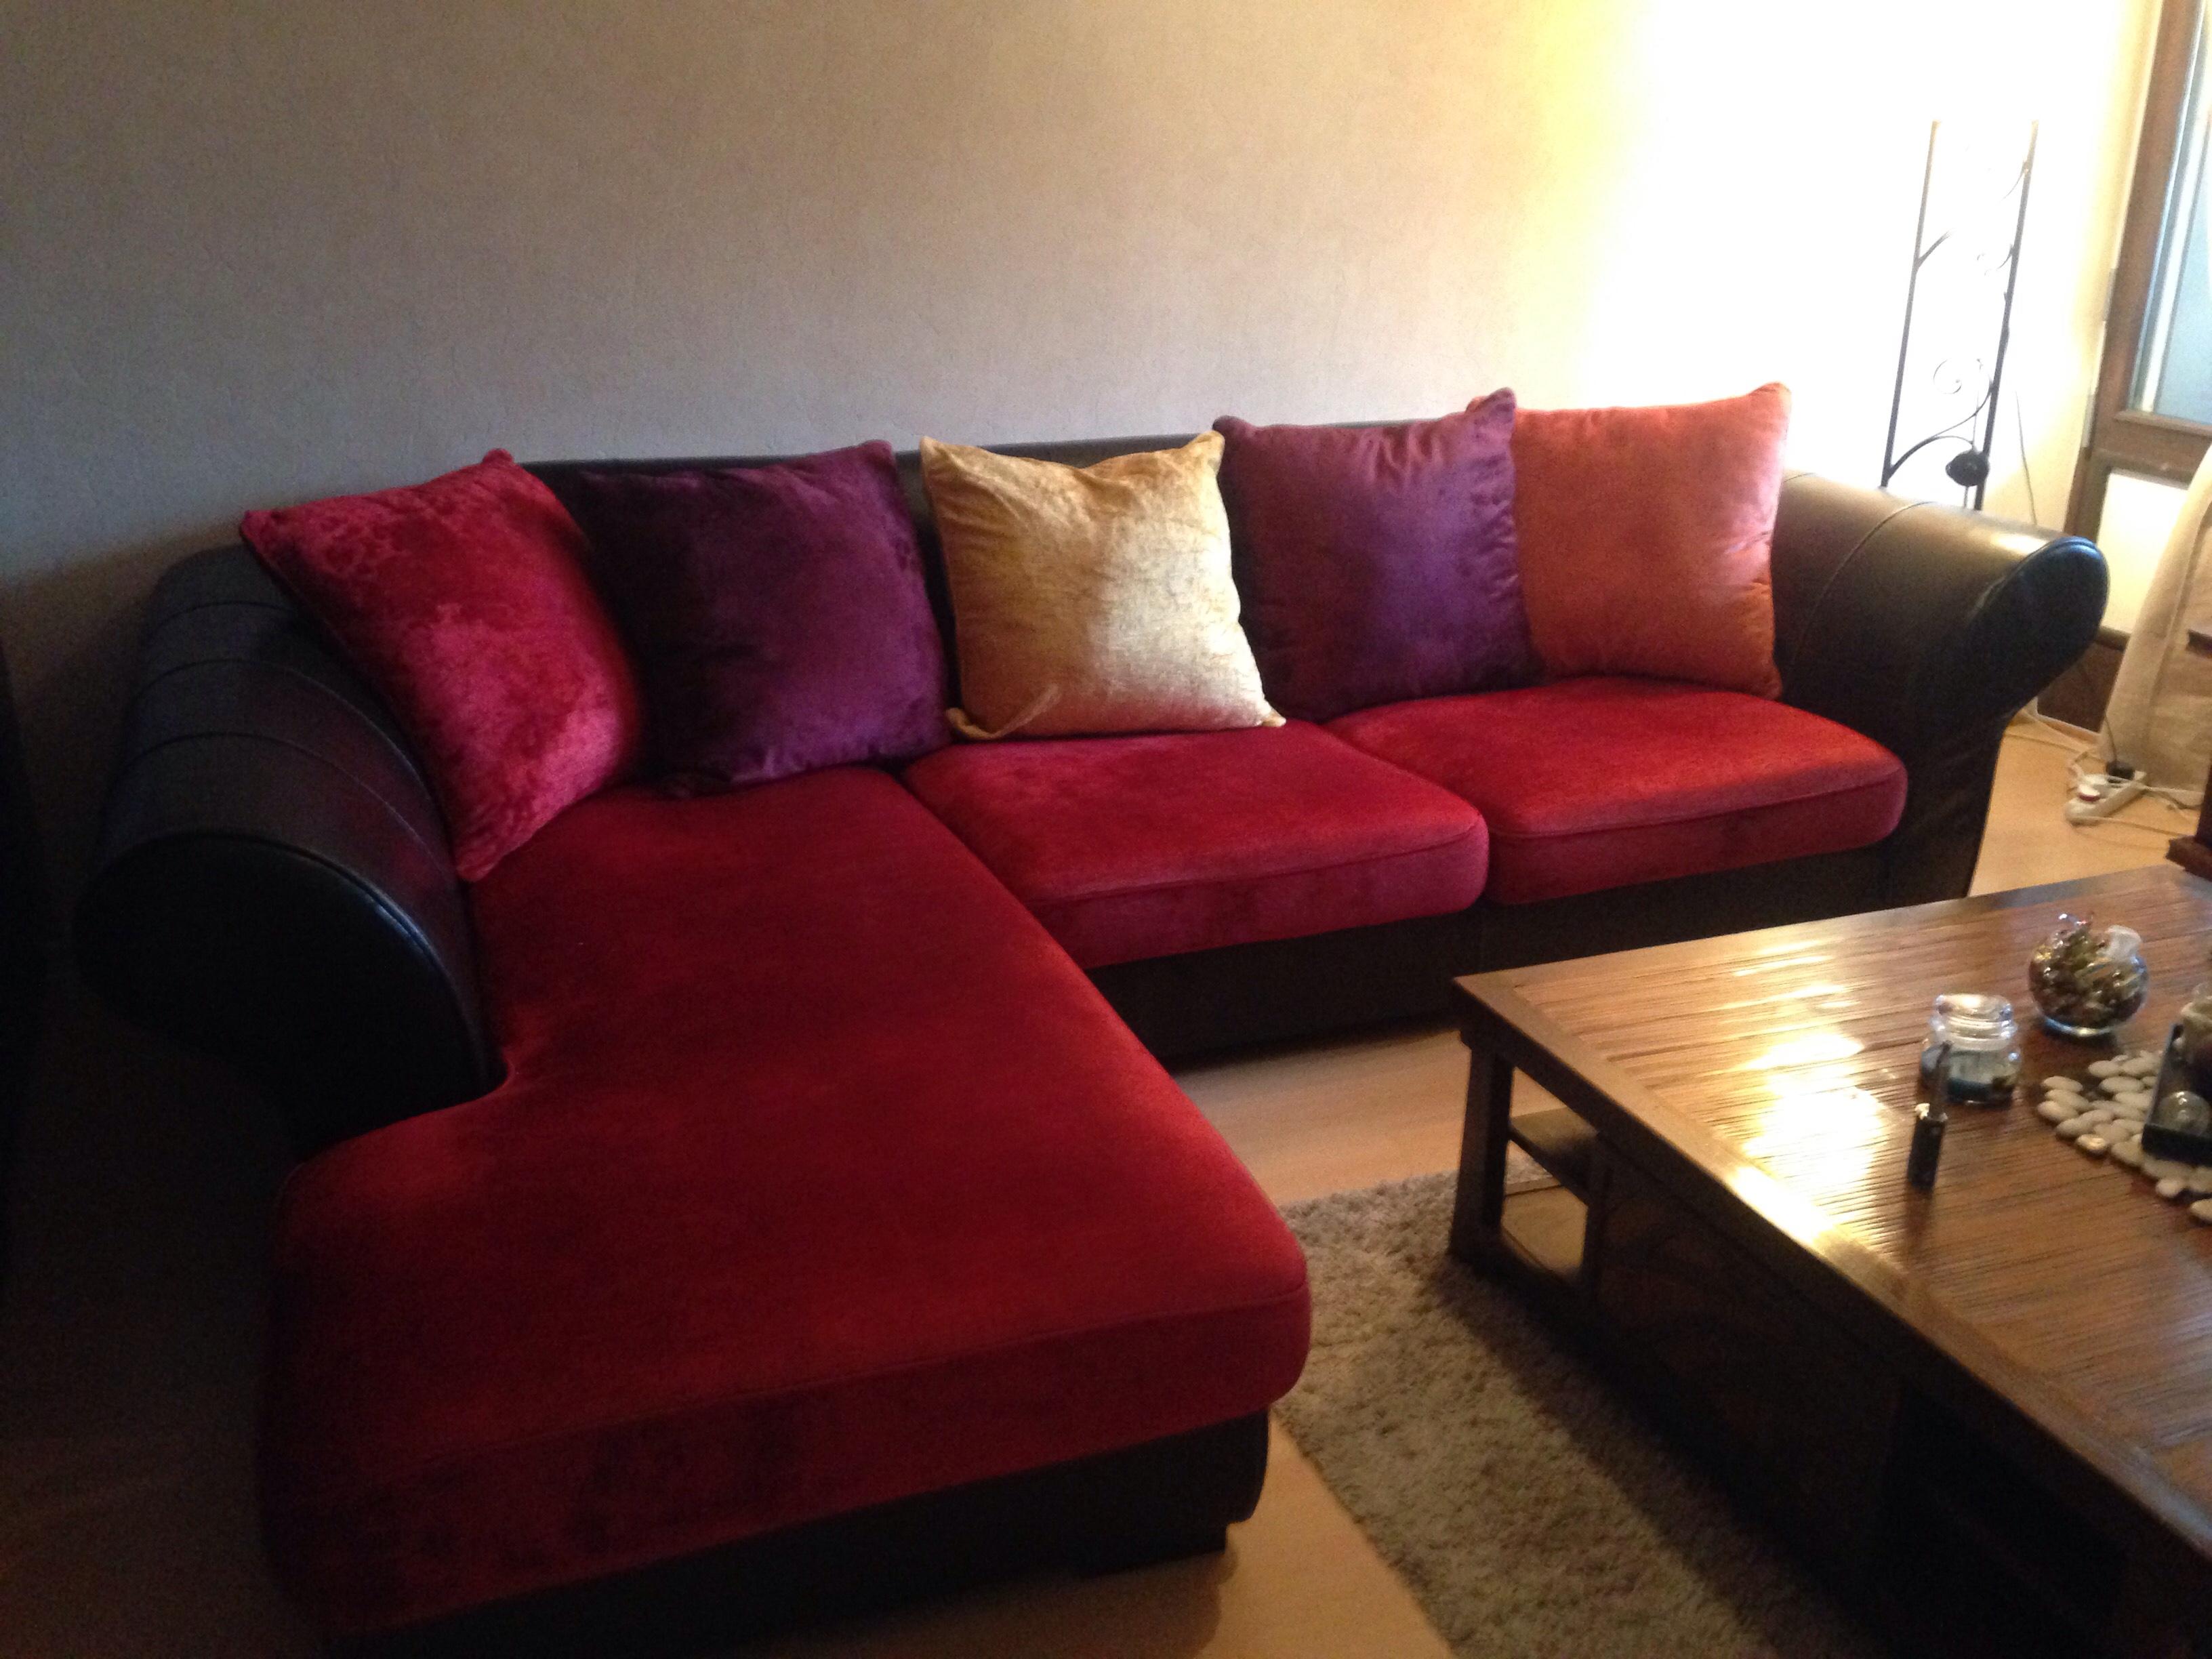 canap s cuir rouge occasion lyon 69 annonces achat et vente de canap s cuir rouge. Black Bedroom Furniture Sets. Home Design Ideas